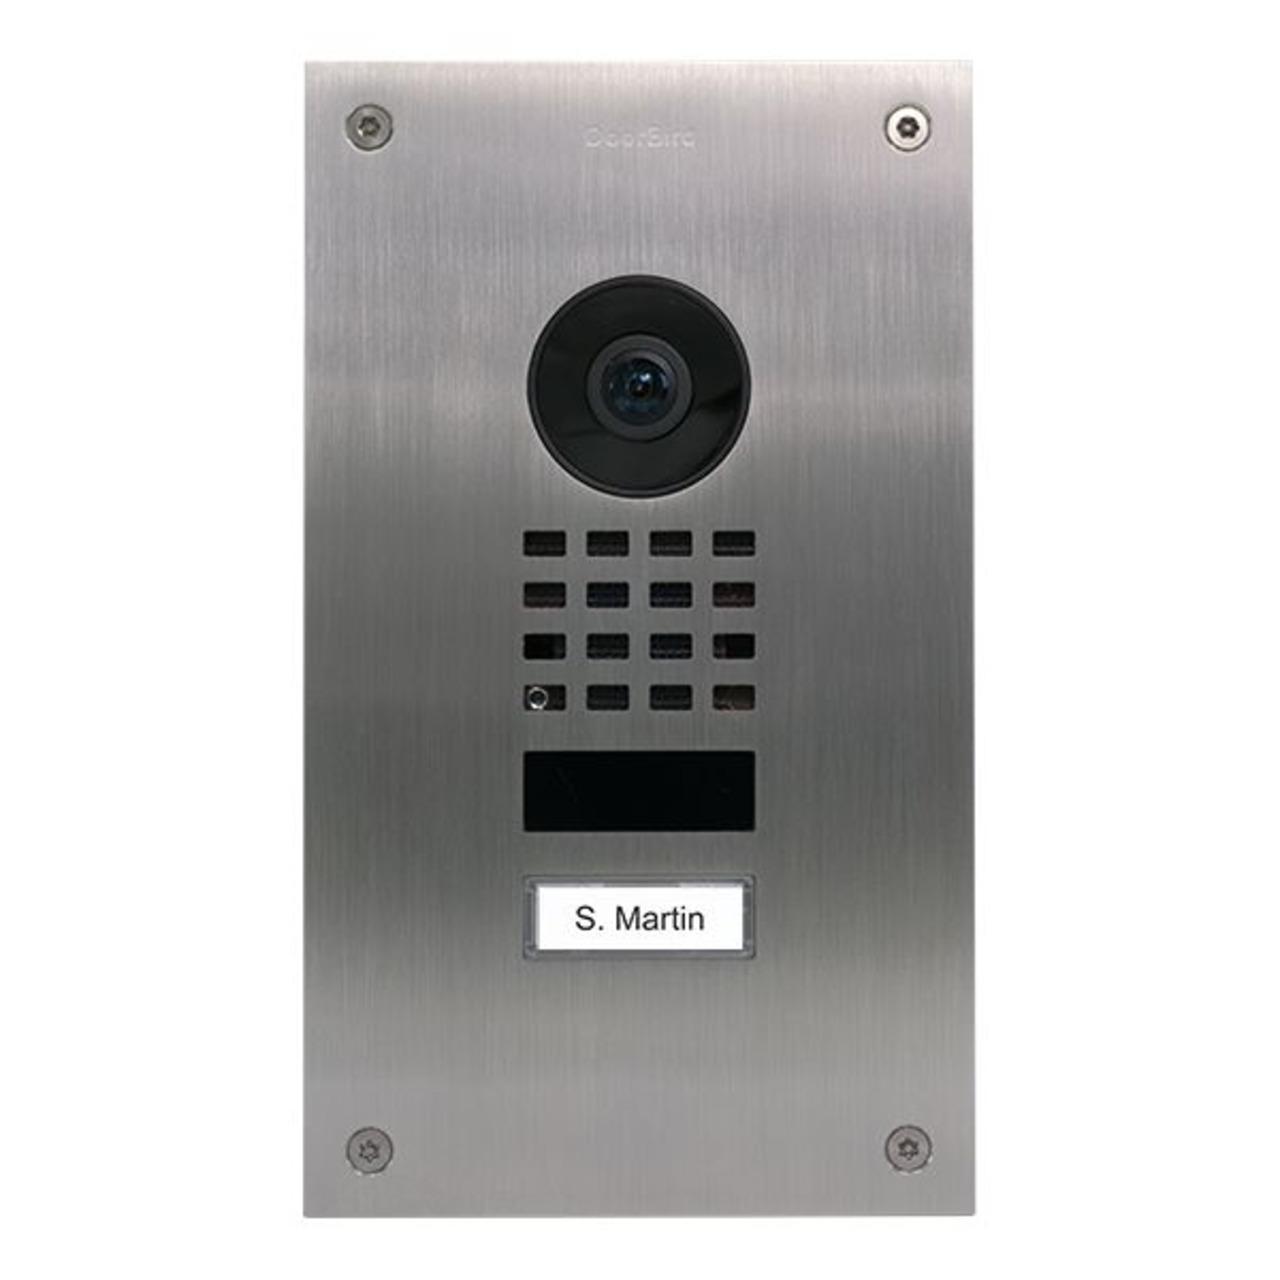 Doorbird WLAN-IP-Türsprechanlage D1101UV- Unterputz (Upgrade für vorhandene D201 - D202)